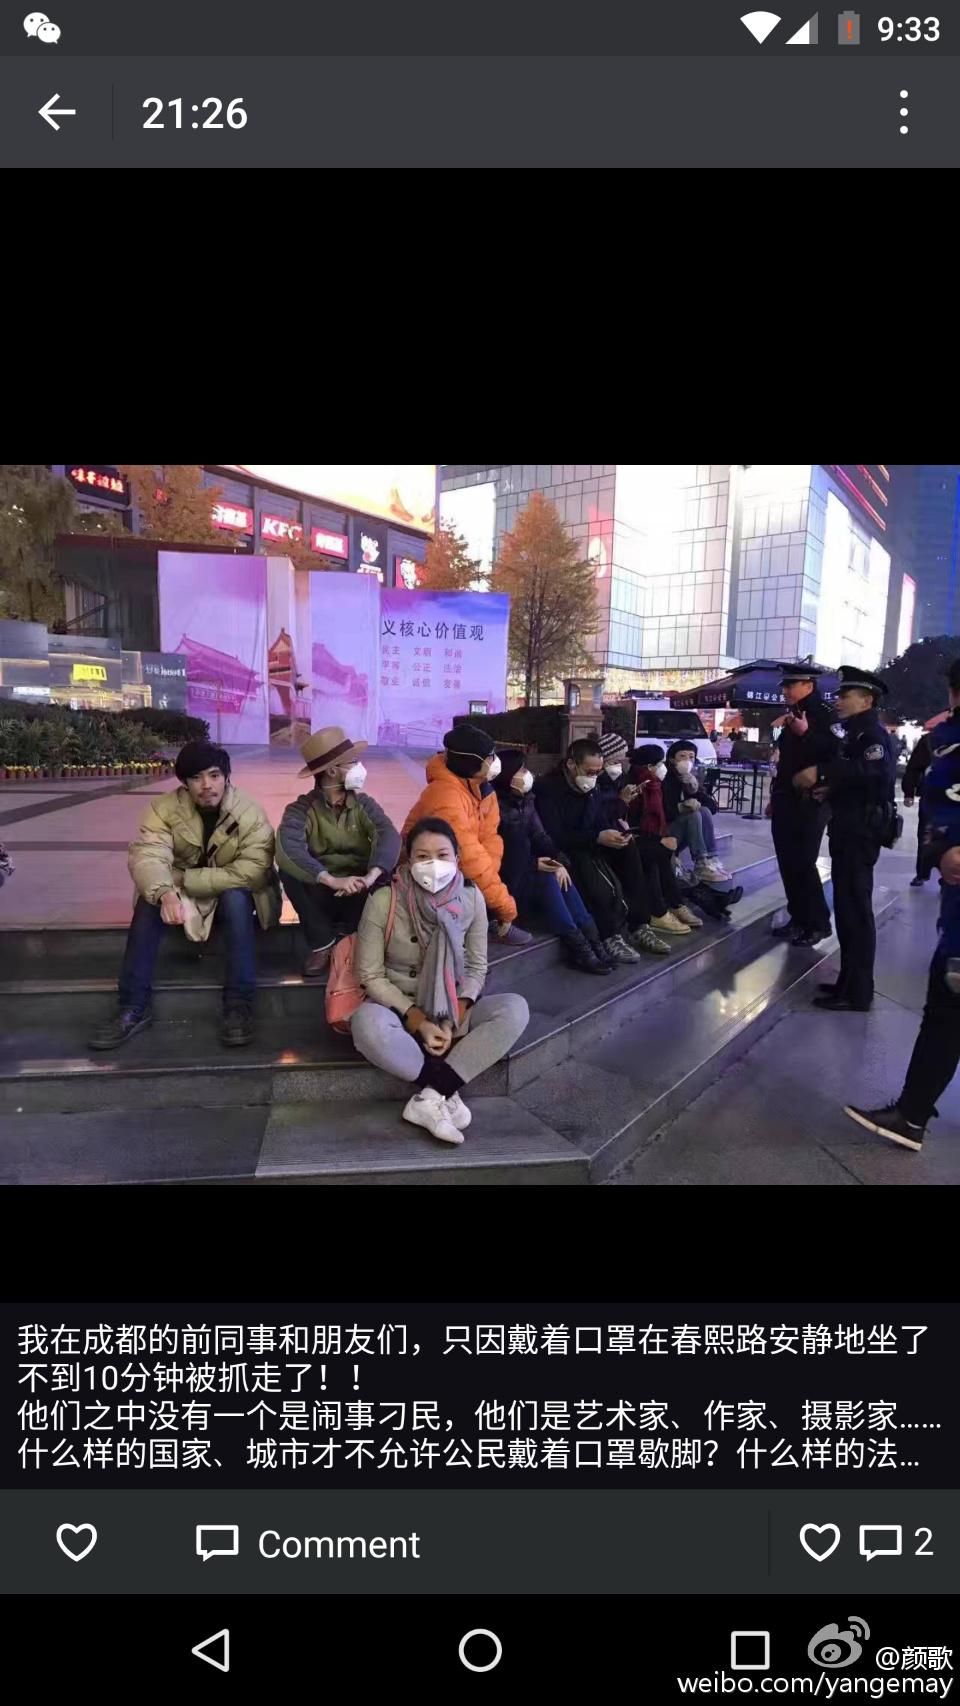 刘尔目:政治犯不是罪犯